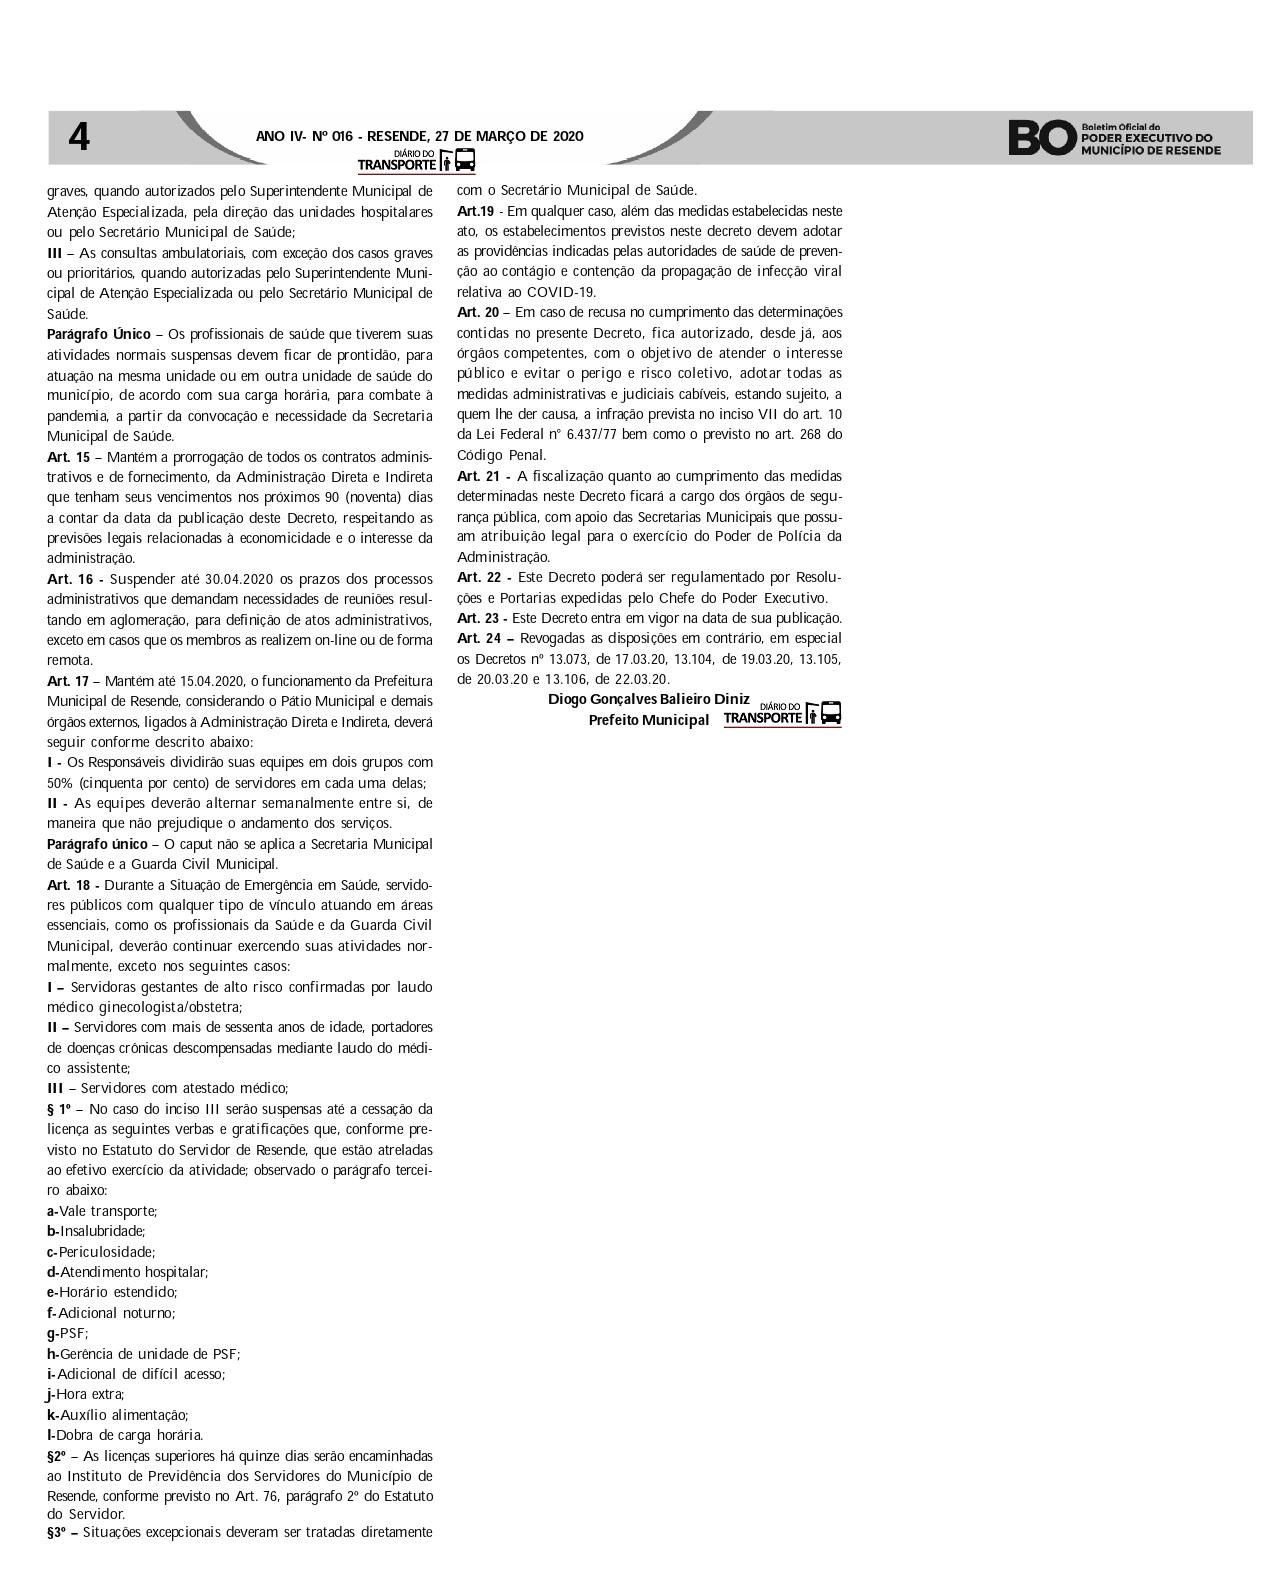 Resende_dec_02